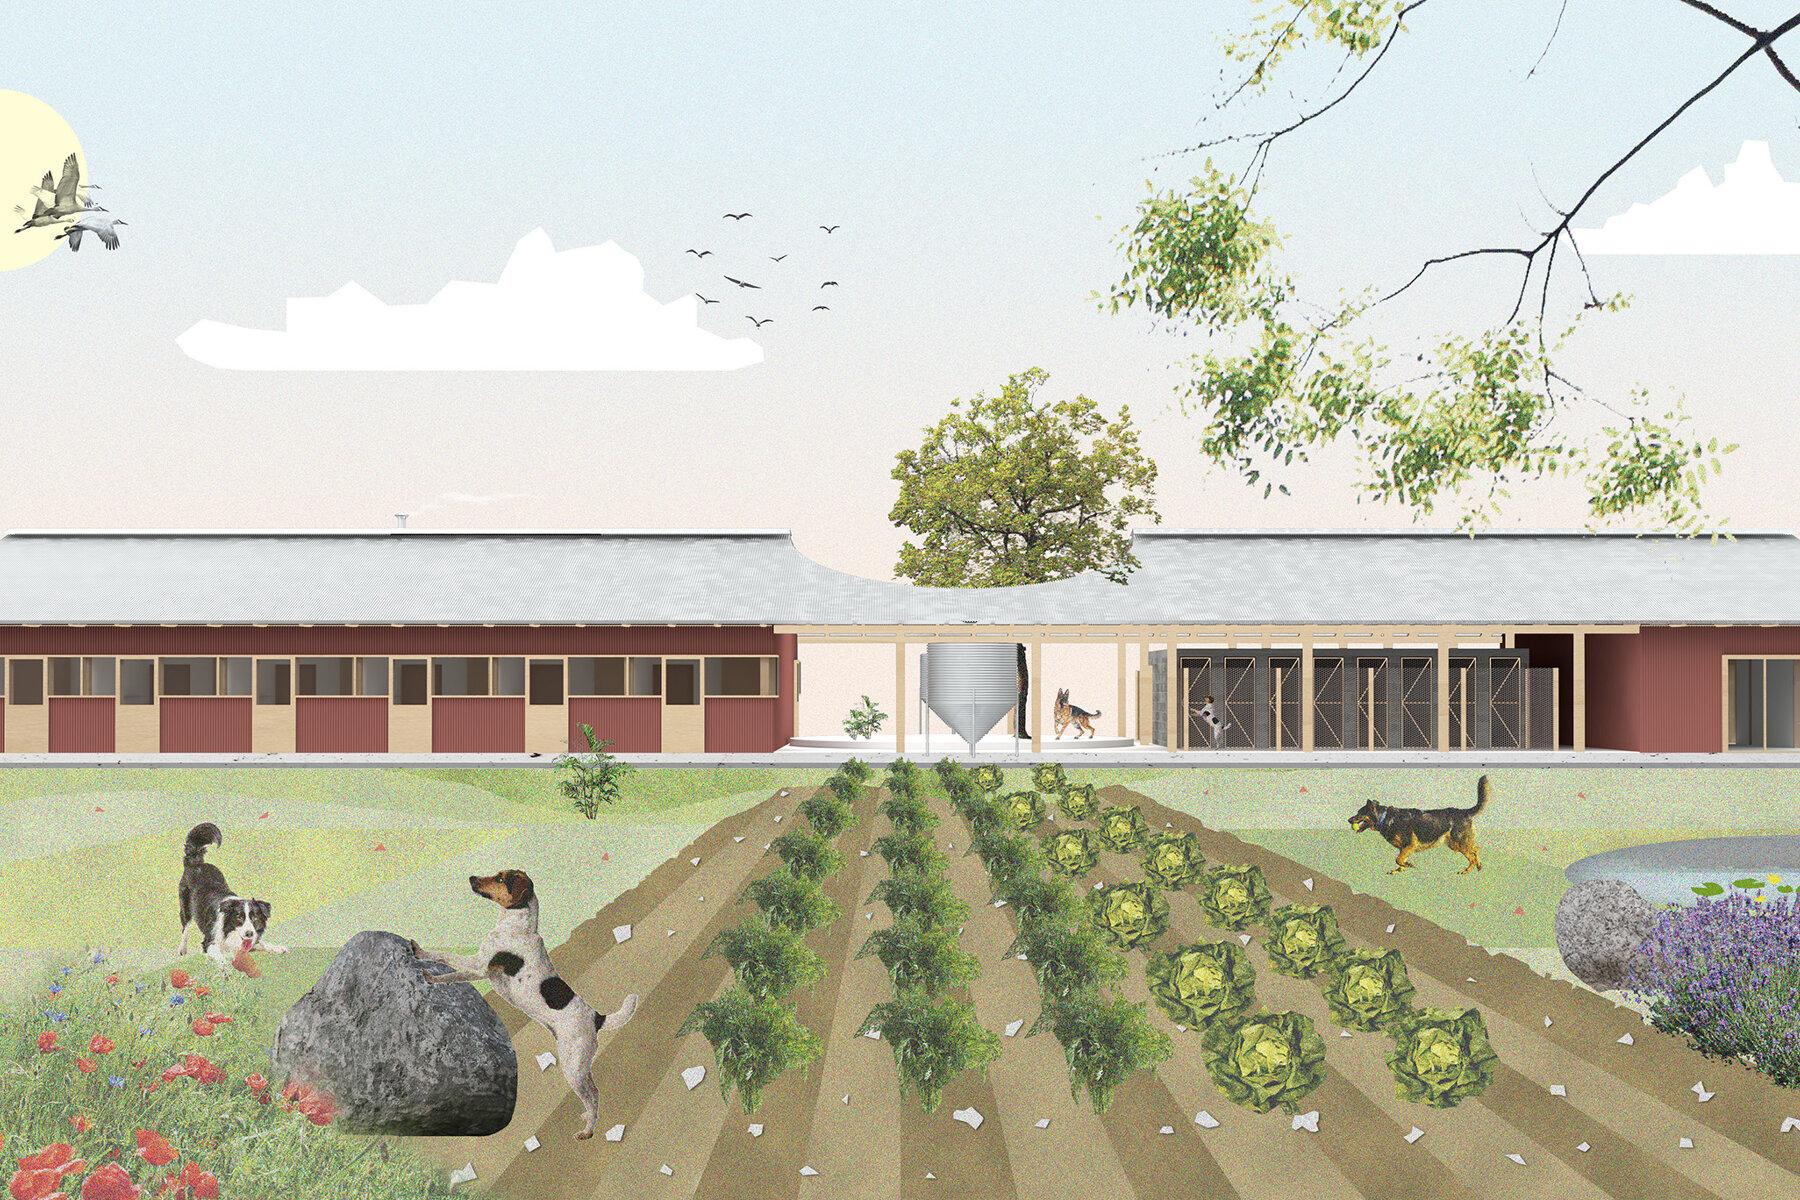 Photo Couverture de rural. - Réalisations architecte Archidvisor